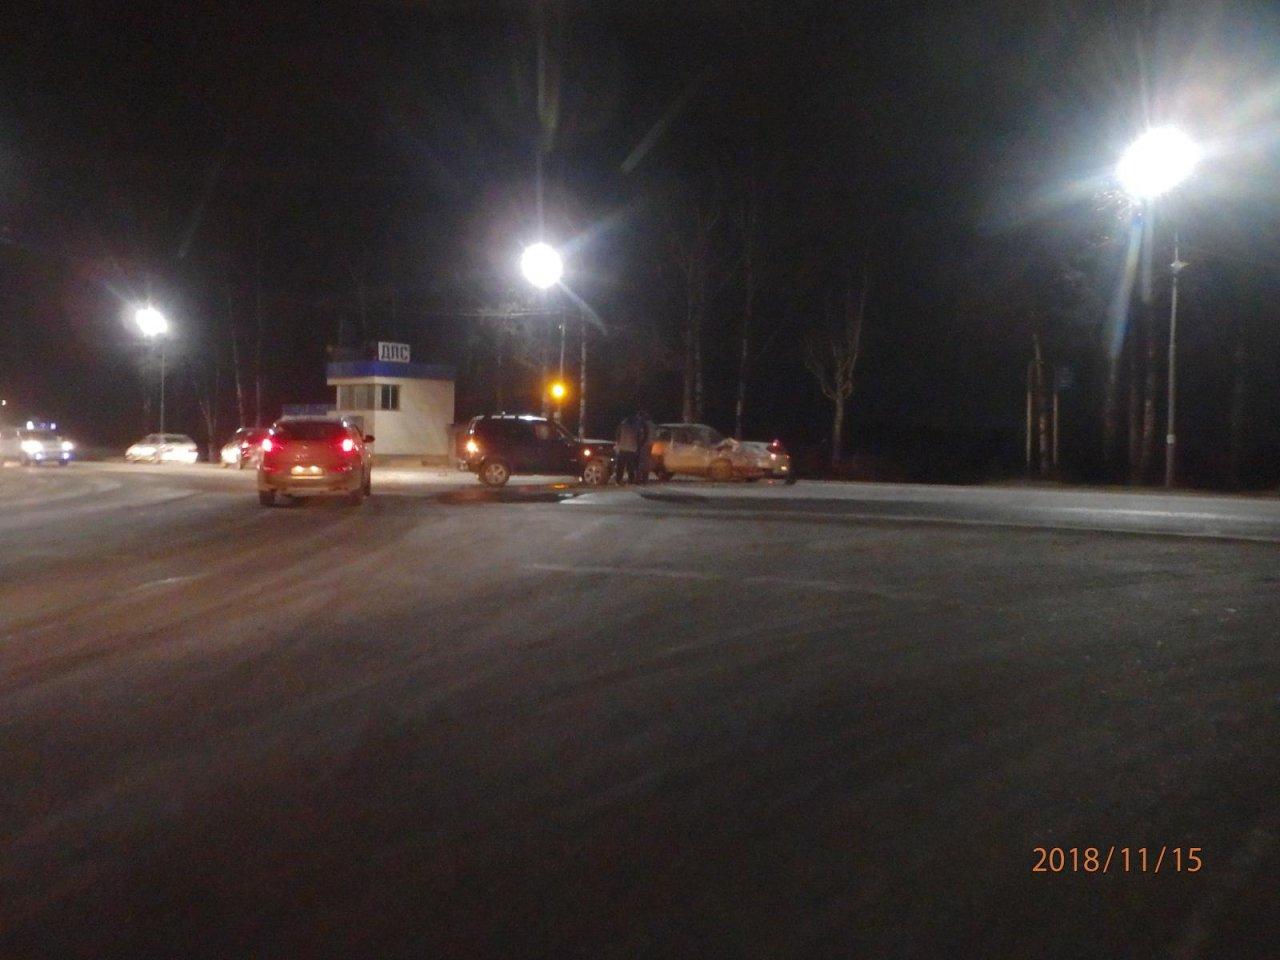 В Чепецке у поста ДПС Chevrolet не пропустил ВАЗ: пострадала девушка